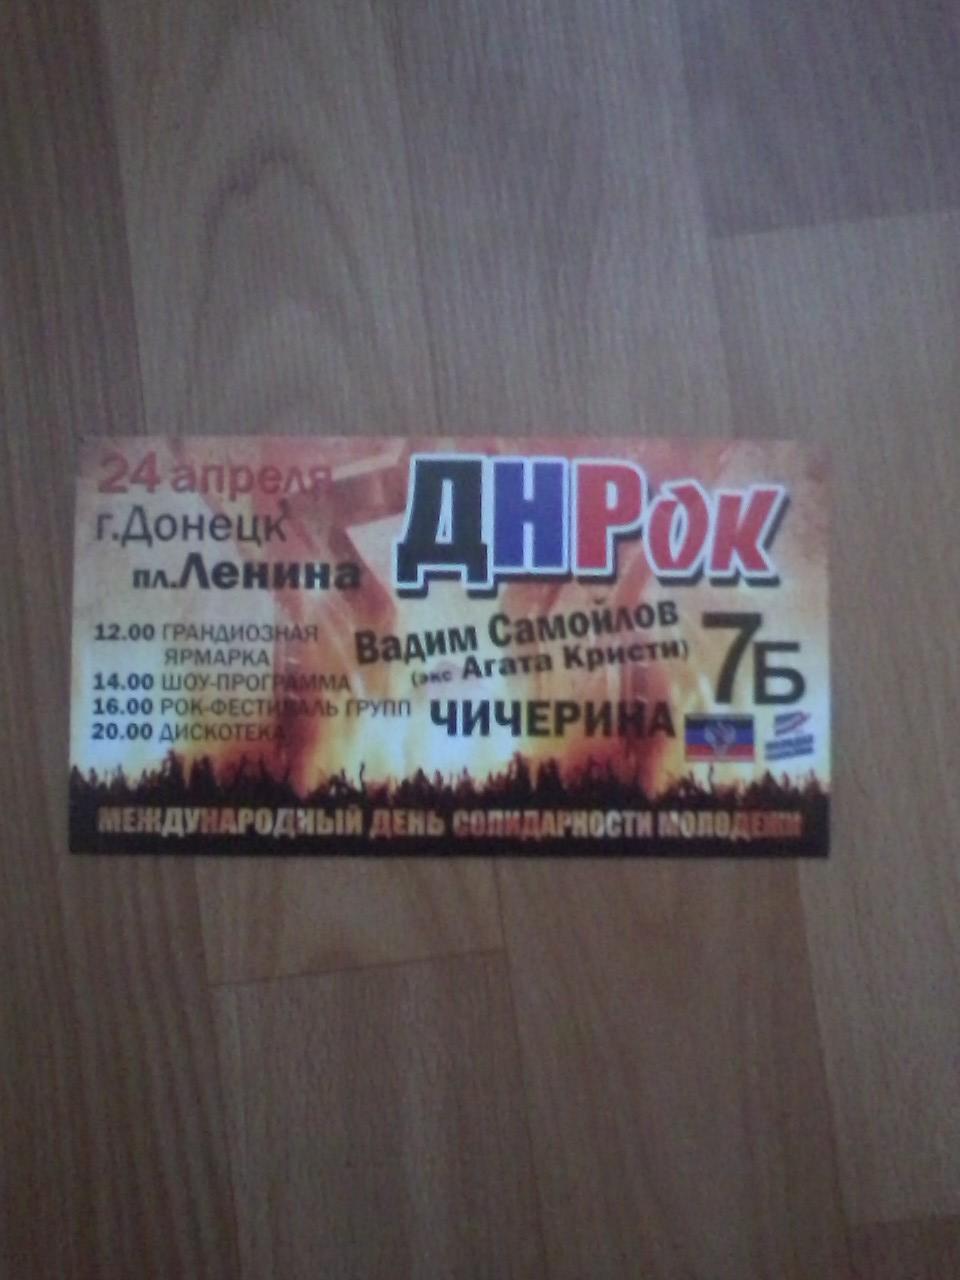 Донецк – Международный день солидарности молодежи и евро-украинские синапсы просят огня